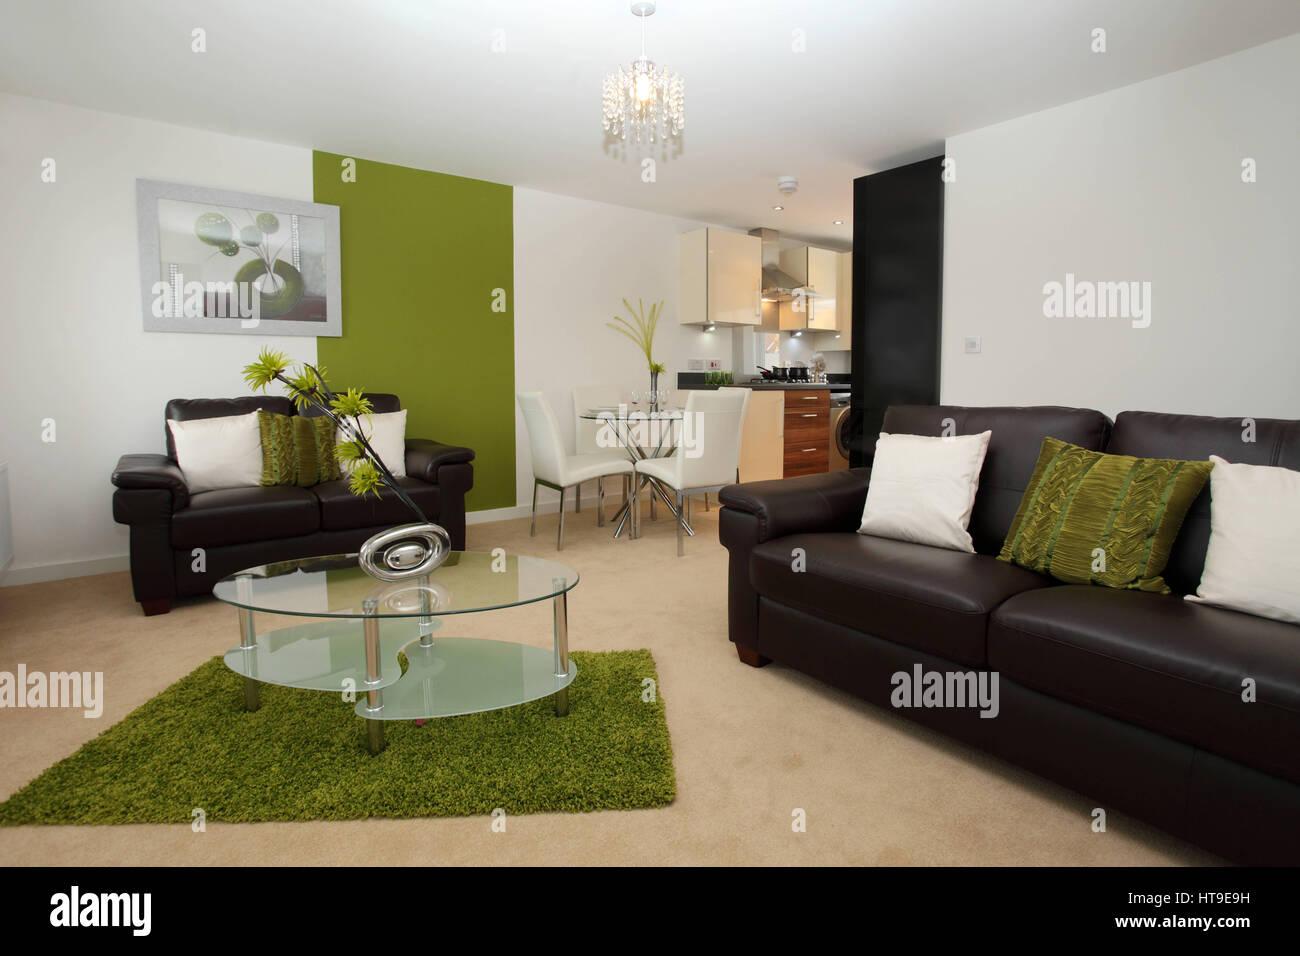 Apartamento interior moderno sal n cocina comedor sala for Mesa de comedor en la sala de estar